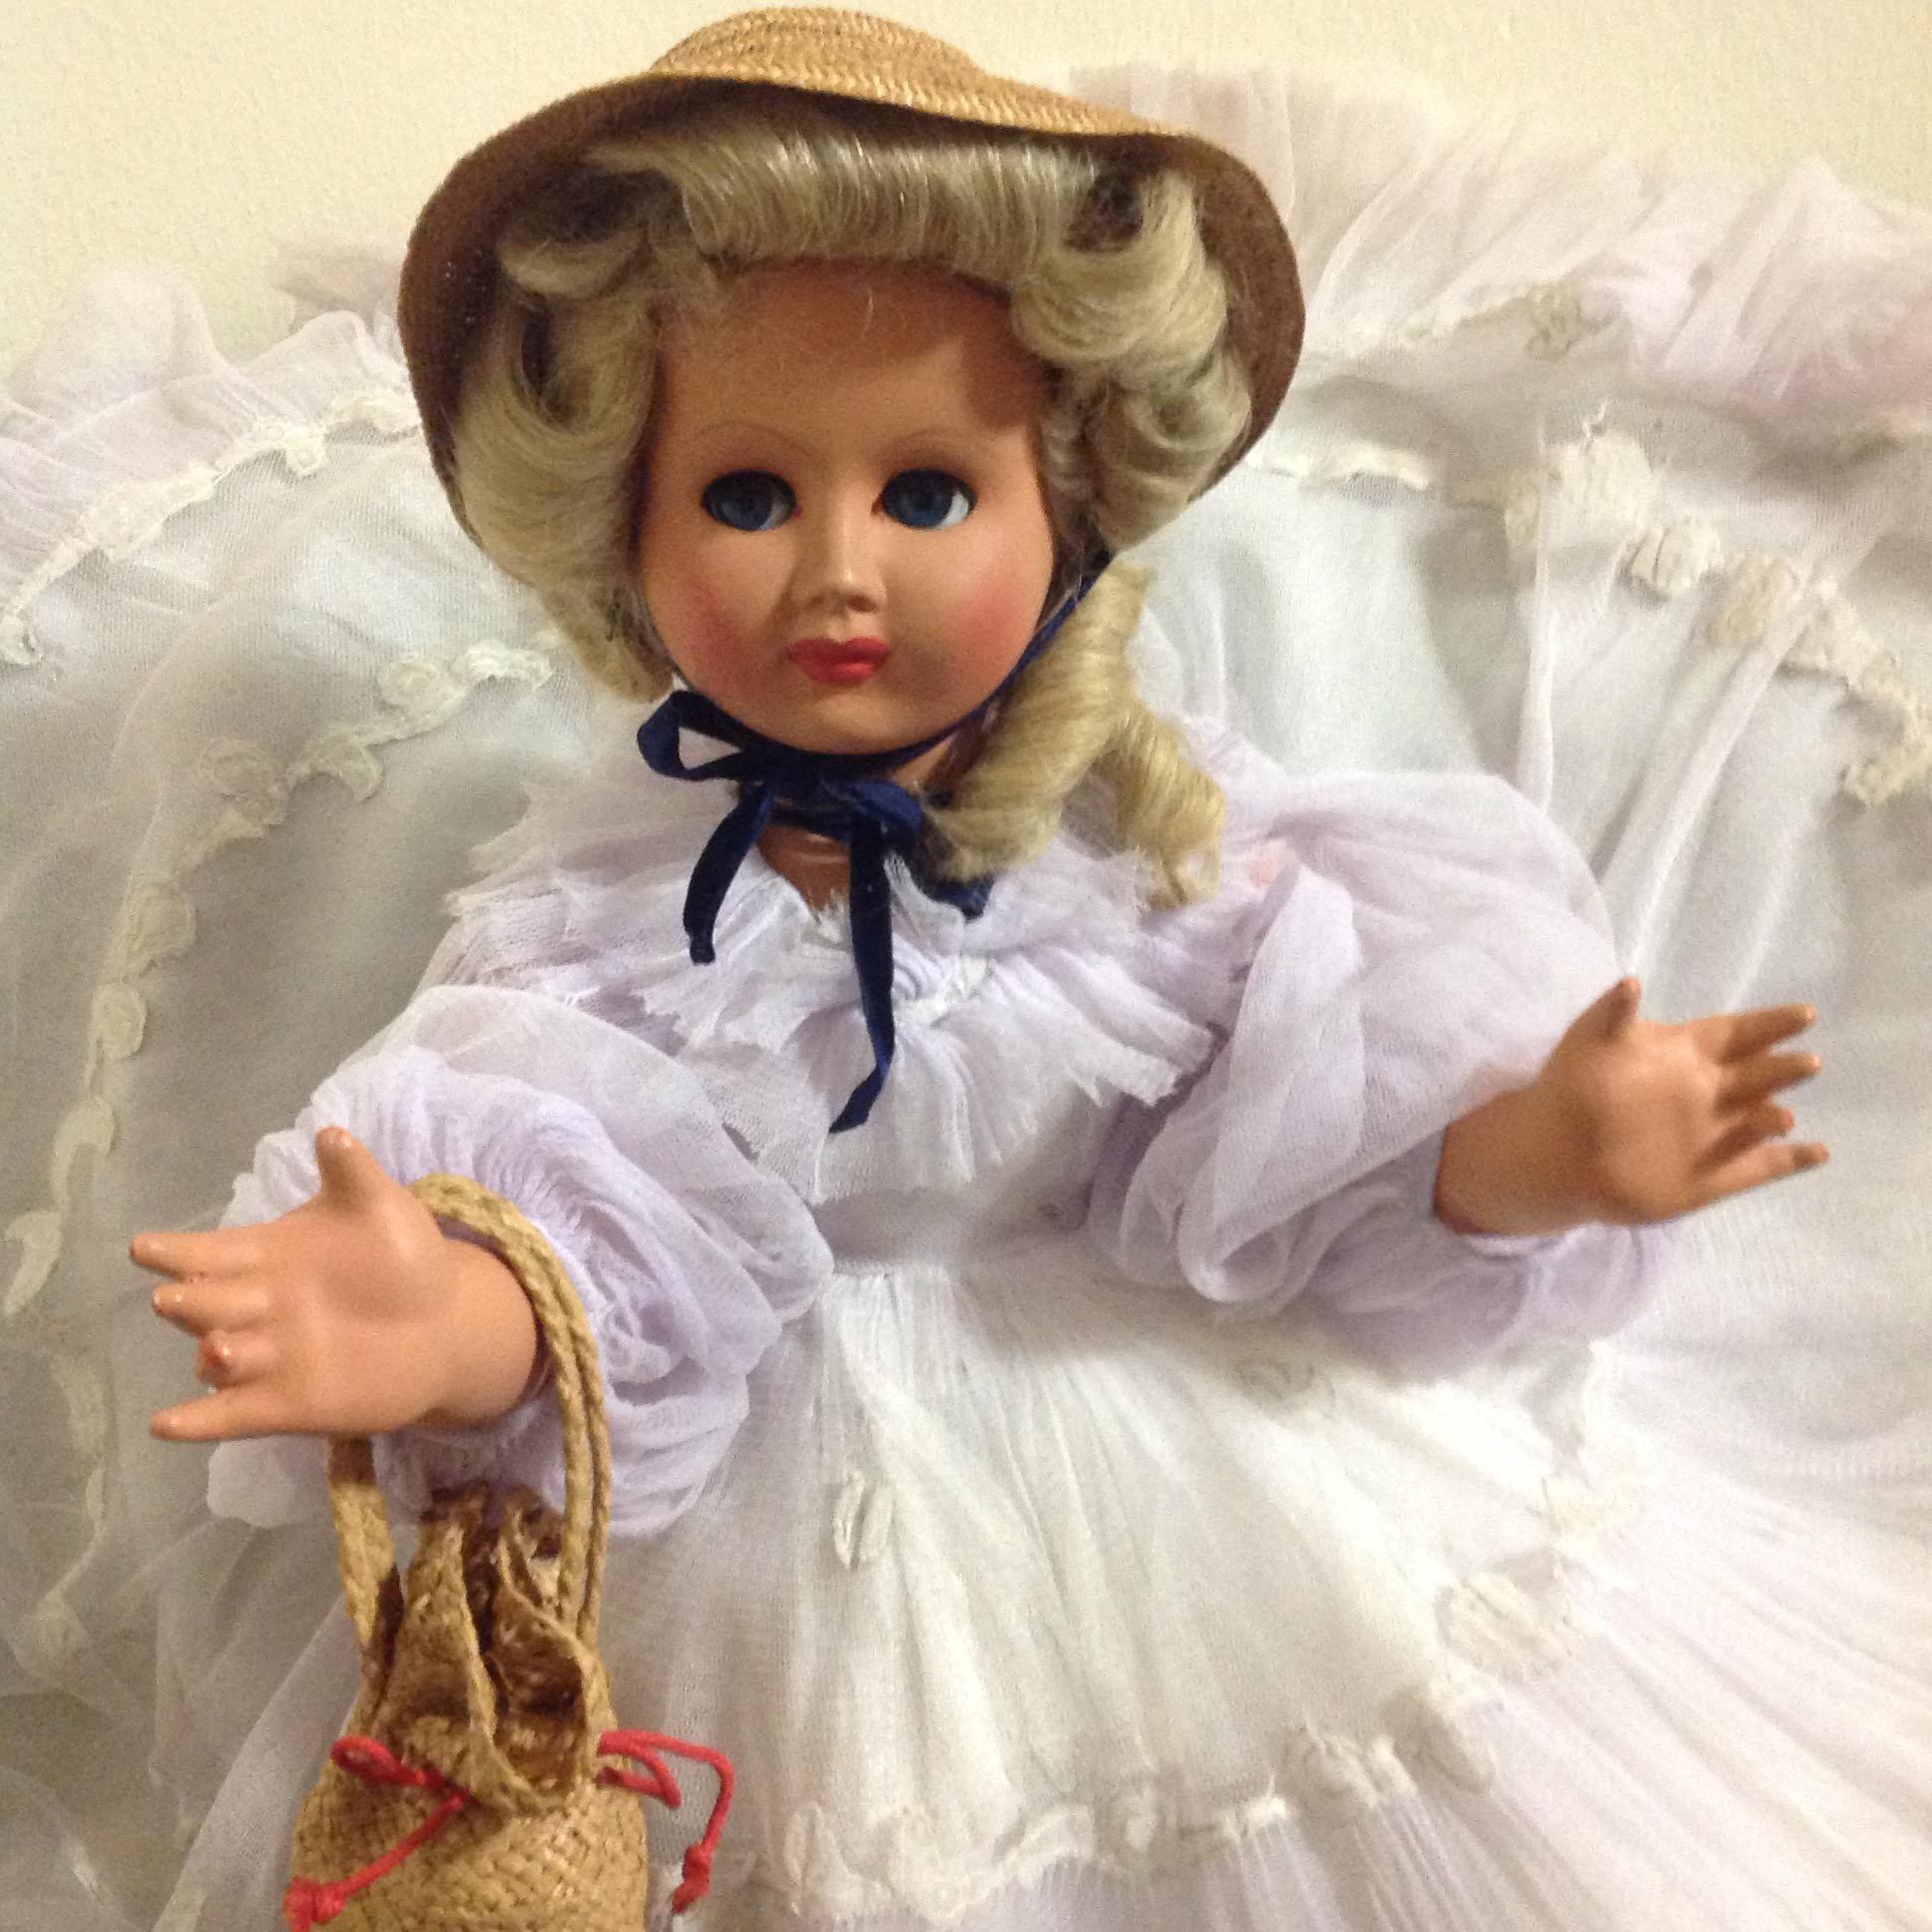 Bambola d epoca in abito bianco il tendone solidale - Case anni 50 ...